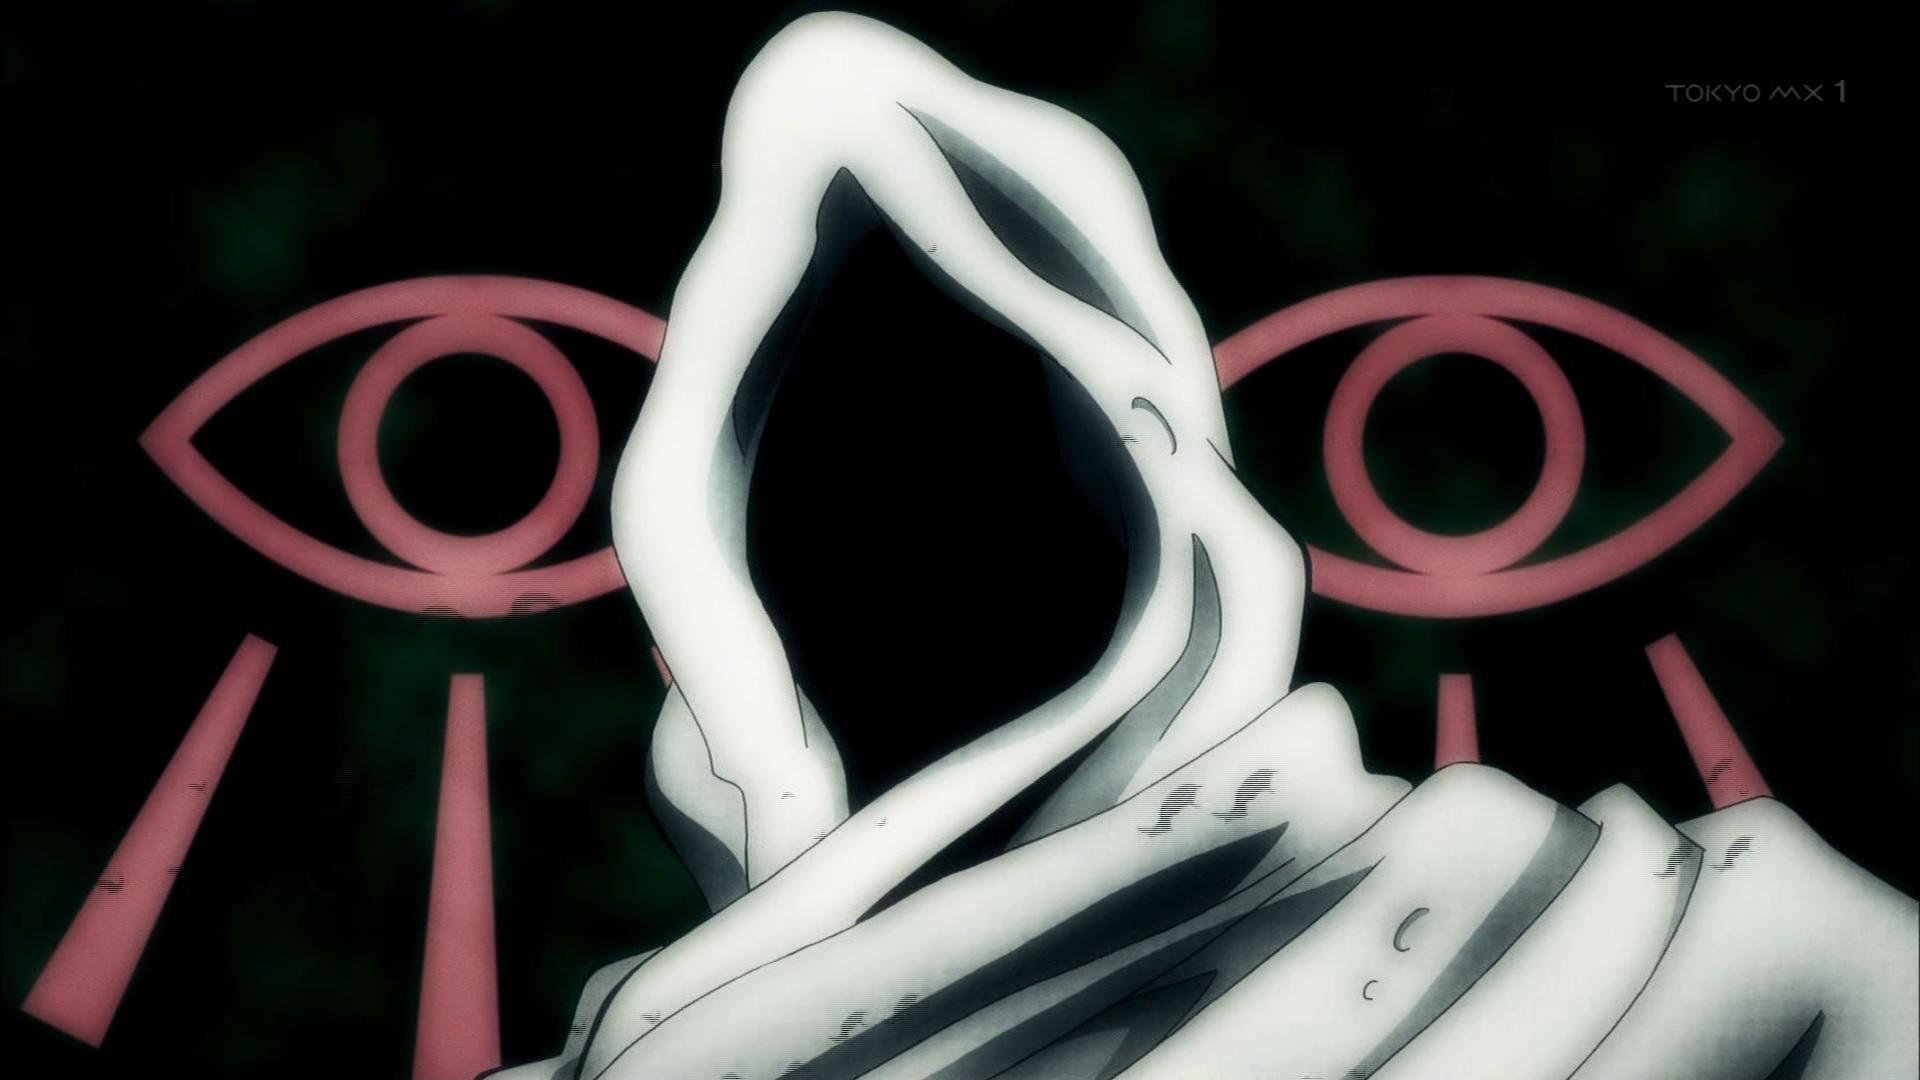 黒王軍のシンボル(第10話画像)